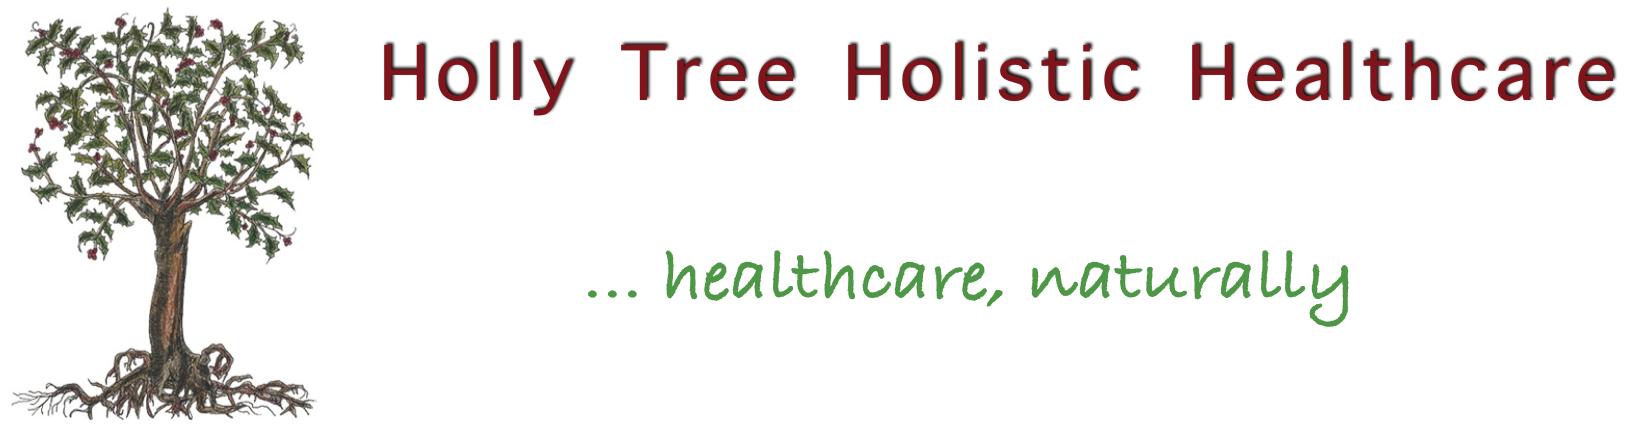 hollytreeholistichealthcare.com